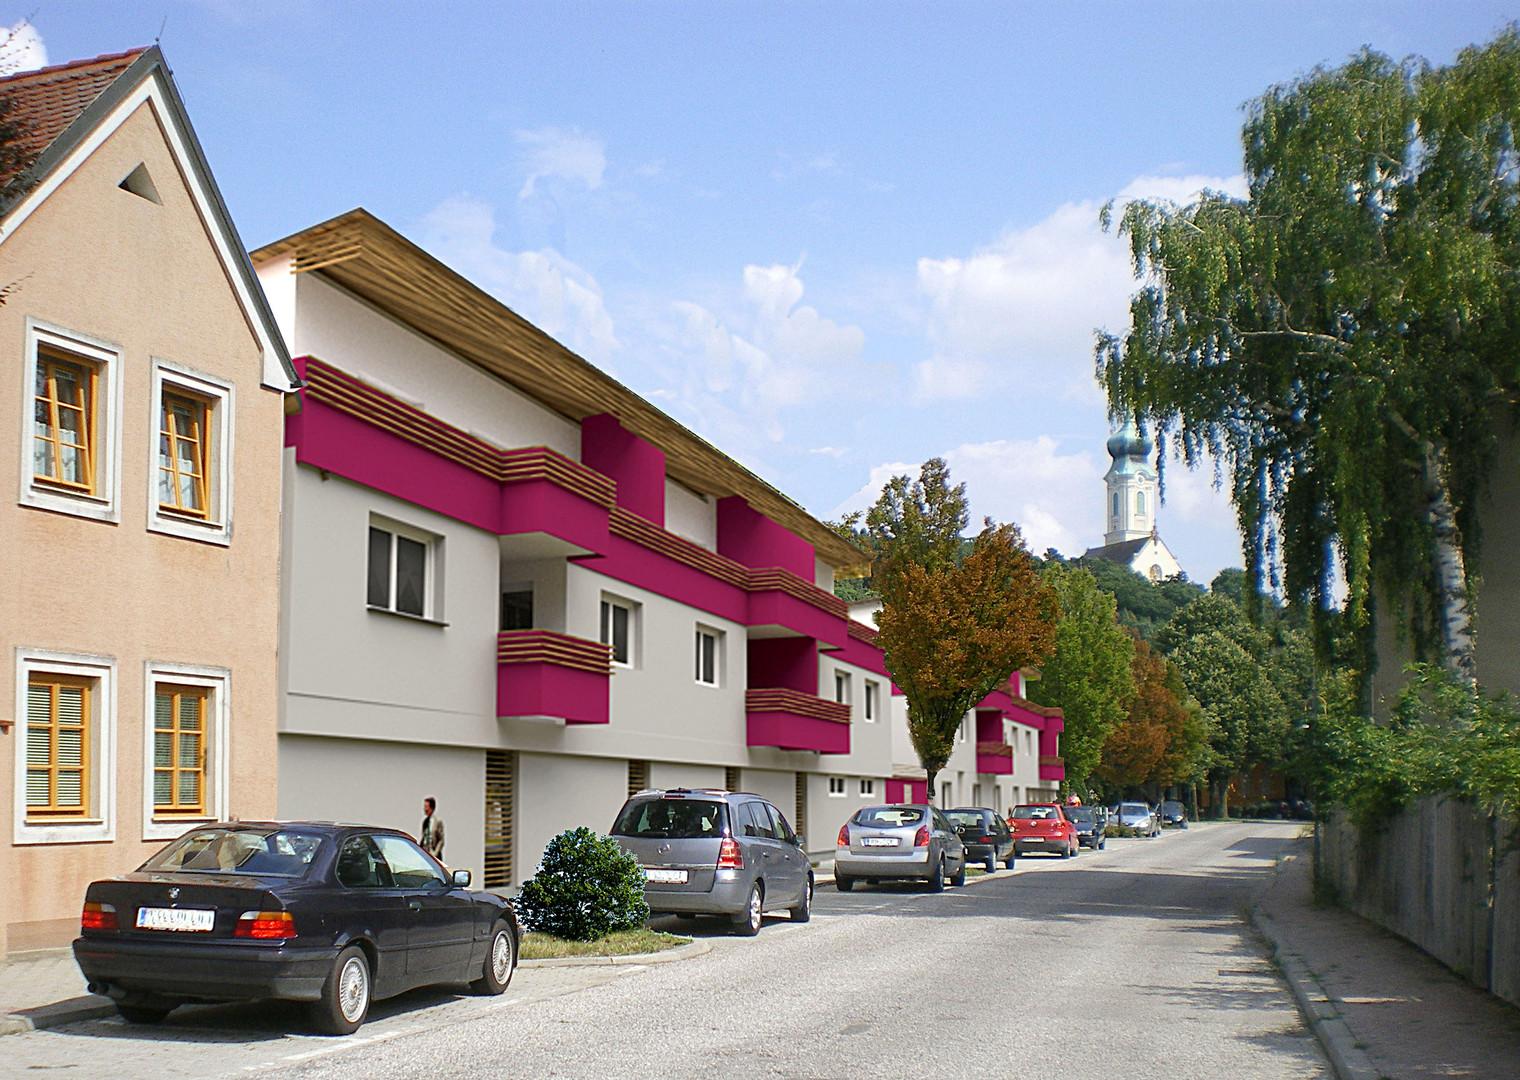 Wohnhausanlage Mistelbach Mistelsteig -